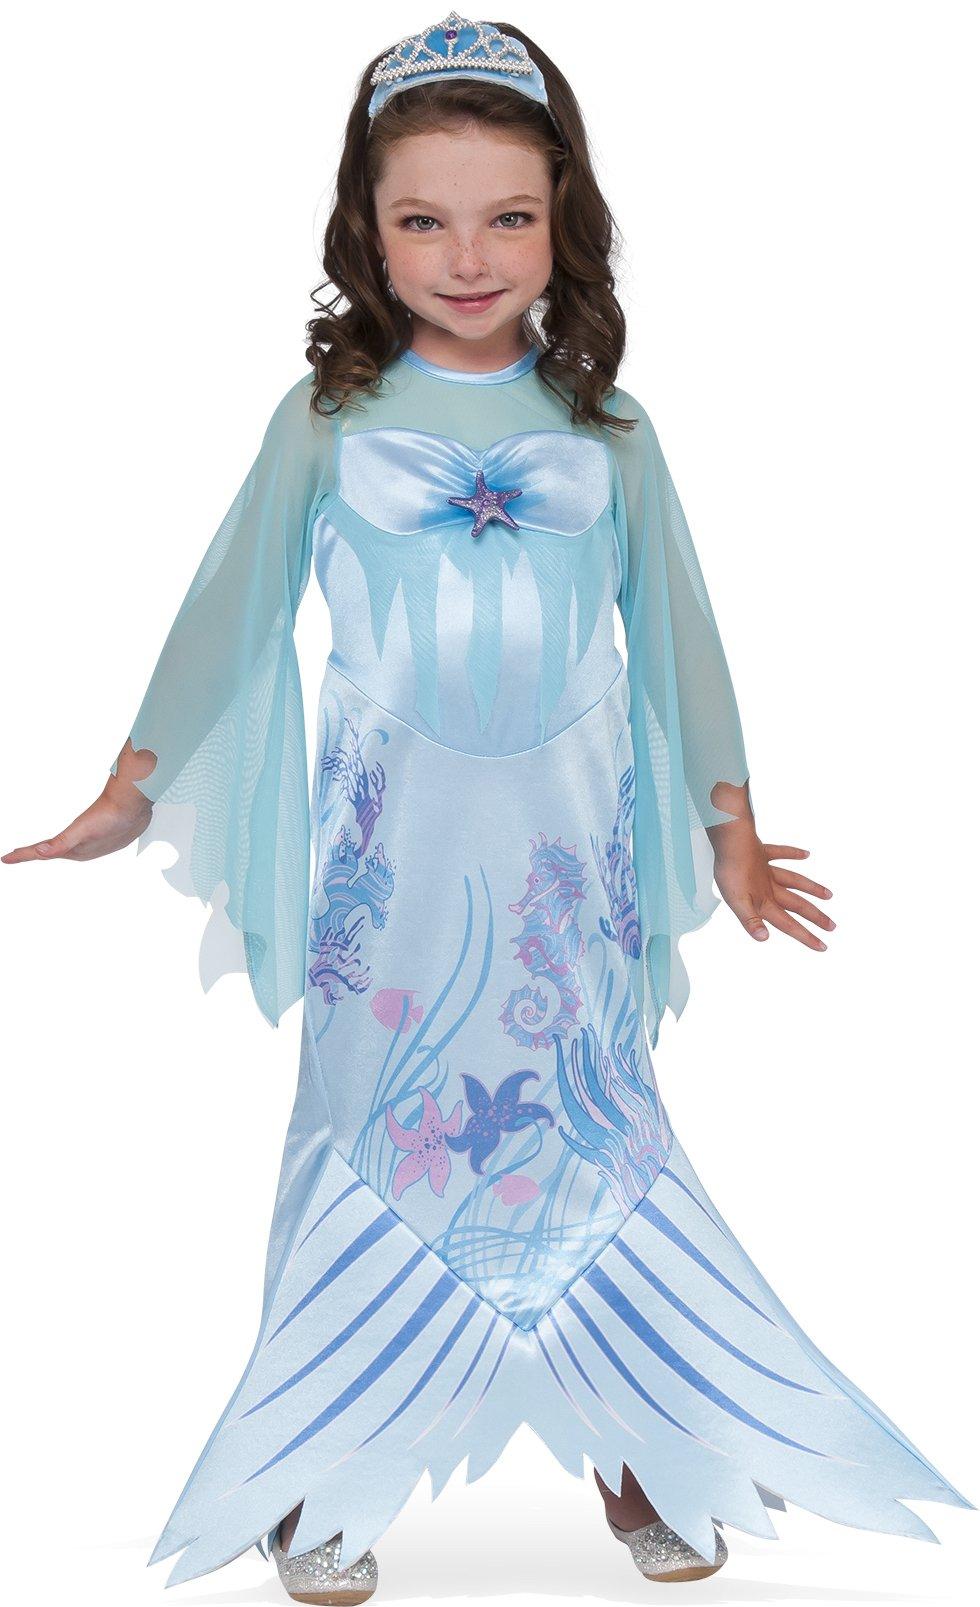 Rubies Costume Child's Mystical Mermaid Costume, Medium, Multicolor